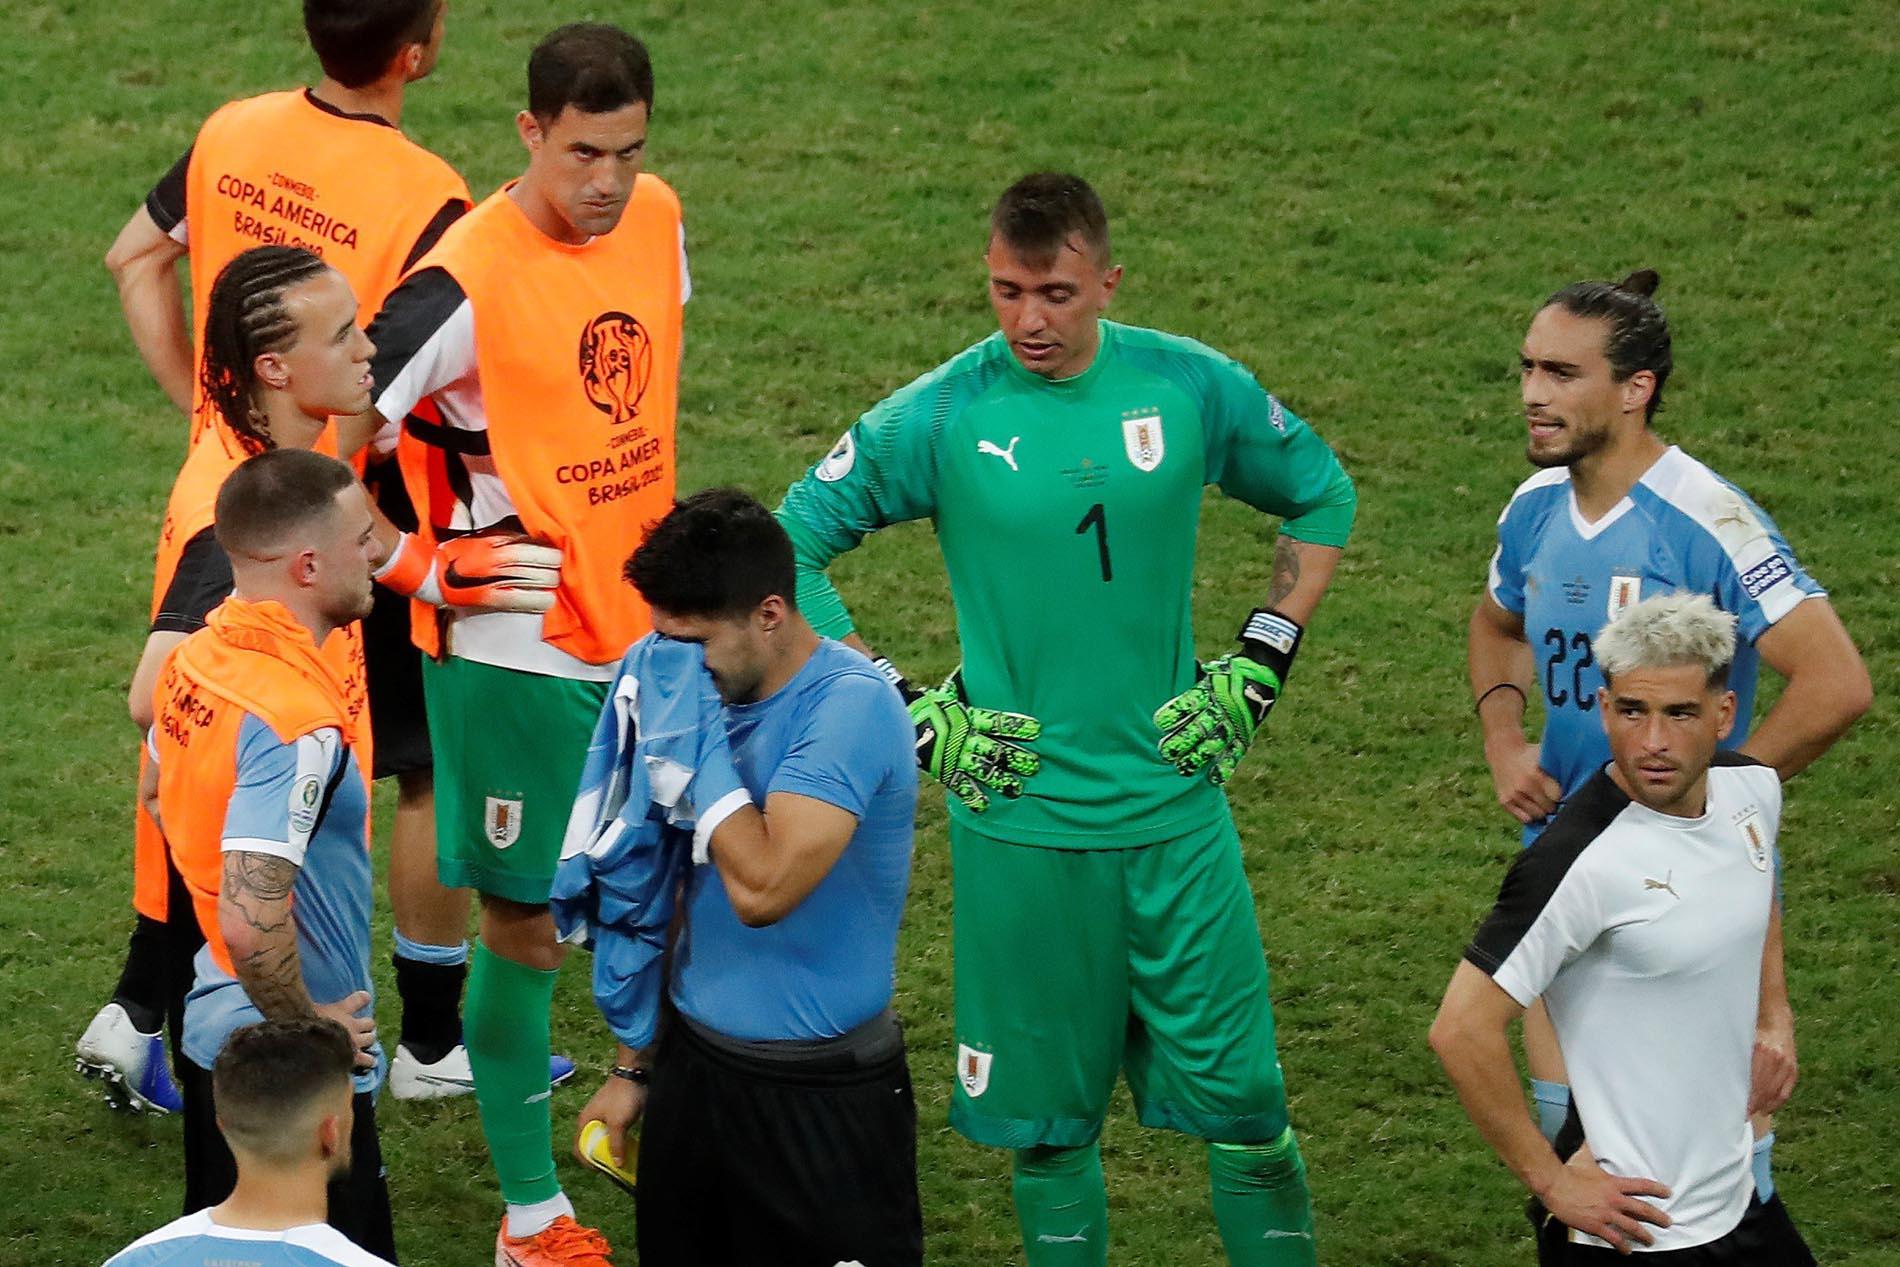 Luis Suárez (c), de Uruguay, se lamenta tras perder con Perú en tanda de penales, durante los cuartos de final de la Copa América de Fútbol 2019, en la Arena Fonte Nova de Salvador, Brasil, el 29 de junio de 2019. Foto: Raul Spinassé / EFE.